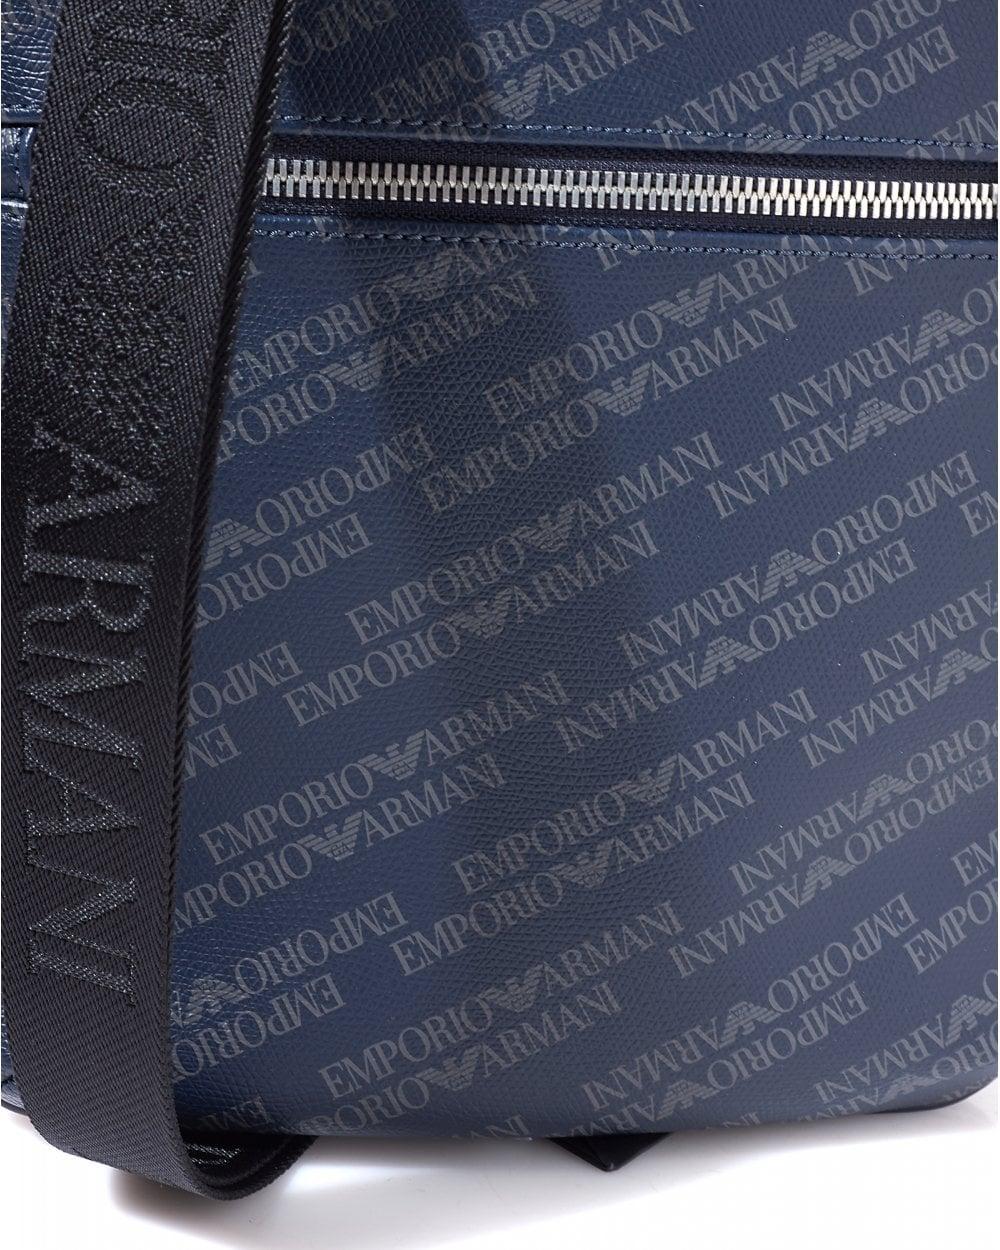 Emporio Armani Mens All Over Logo Navy Blue Crossbody Stash Bag 6341029332e3c